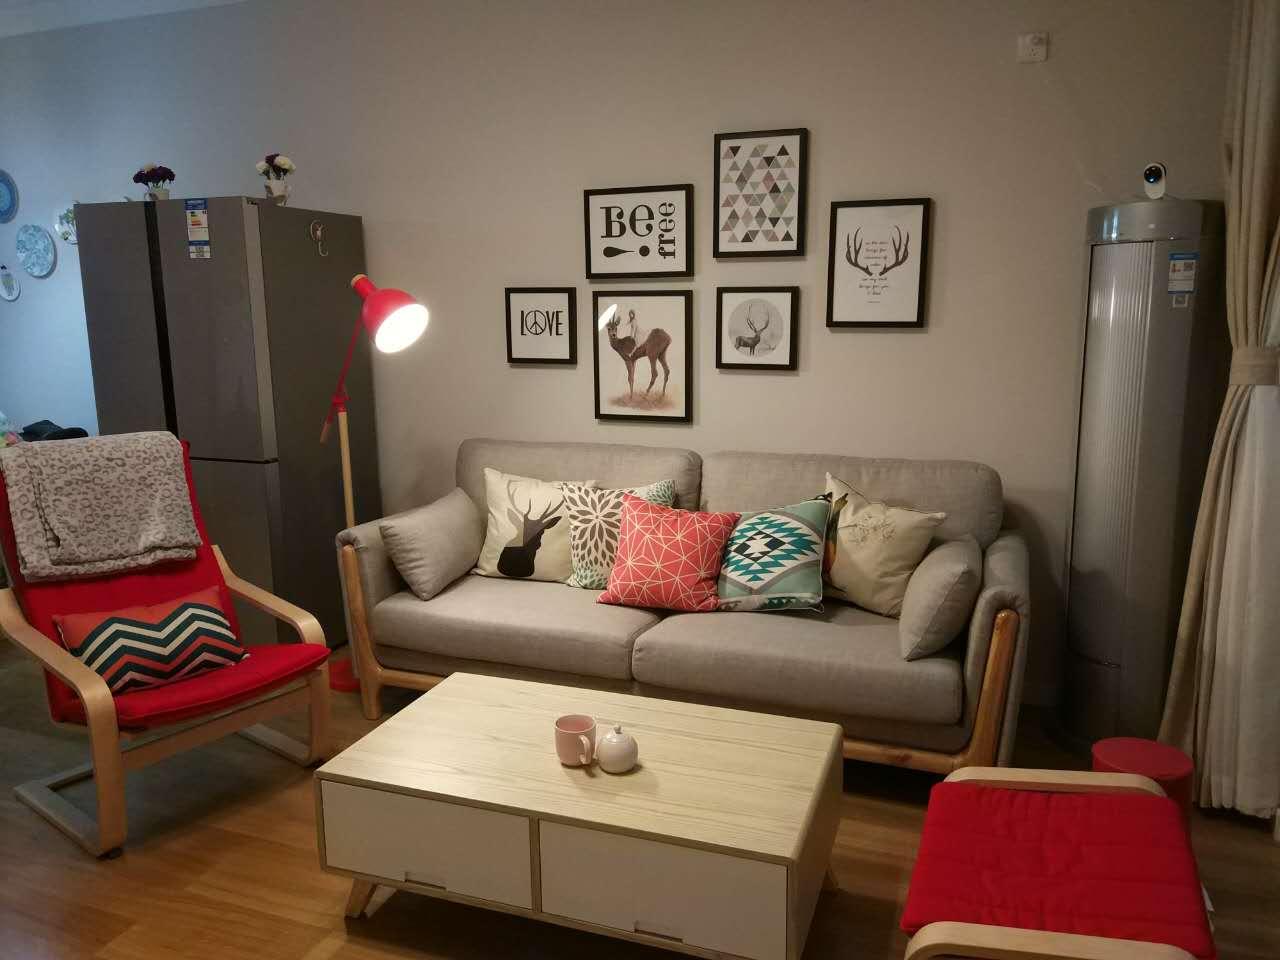 在柚木色的自然系风格中加上了灰色调的墙面,使整个房间的品质感有大幅度提升。